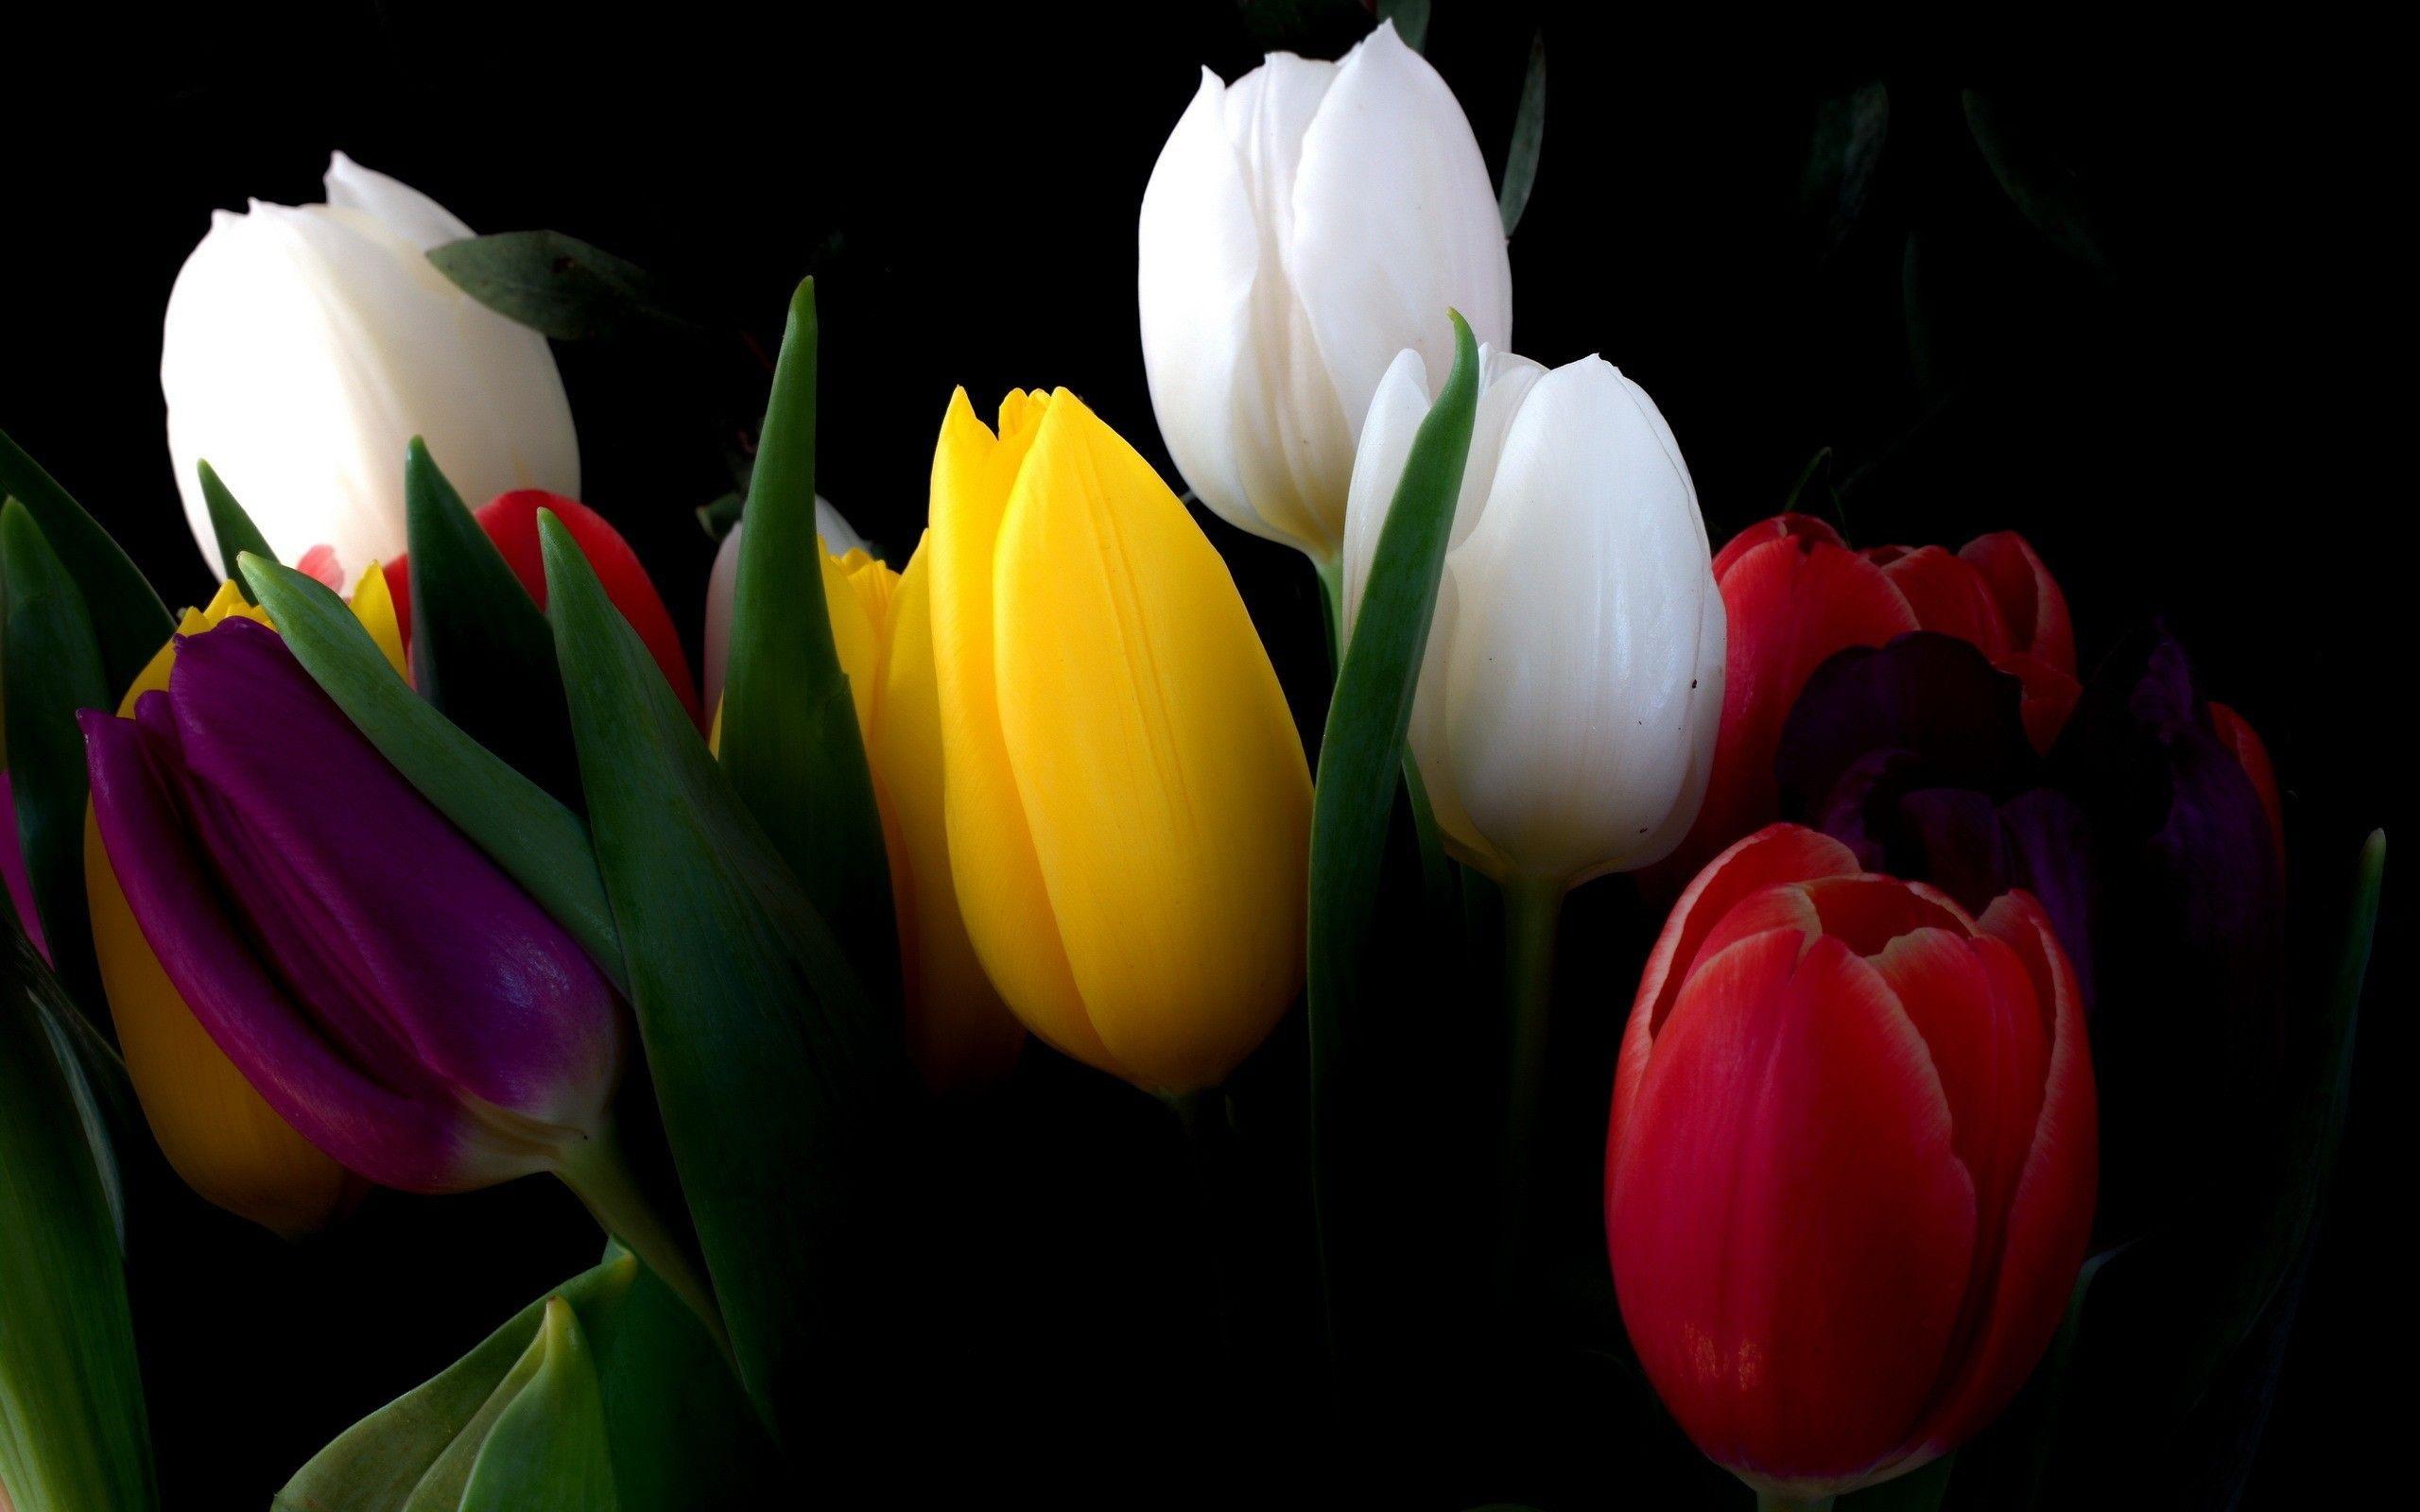 Обои на телефон цветы на черном фоне001